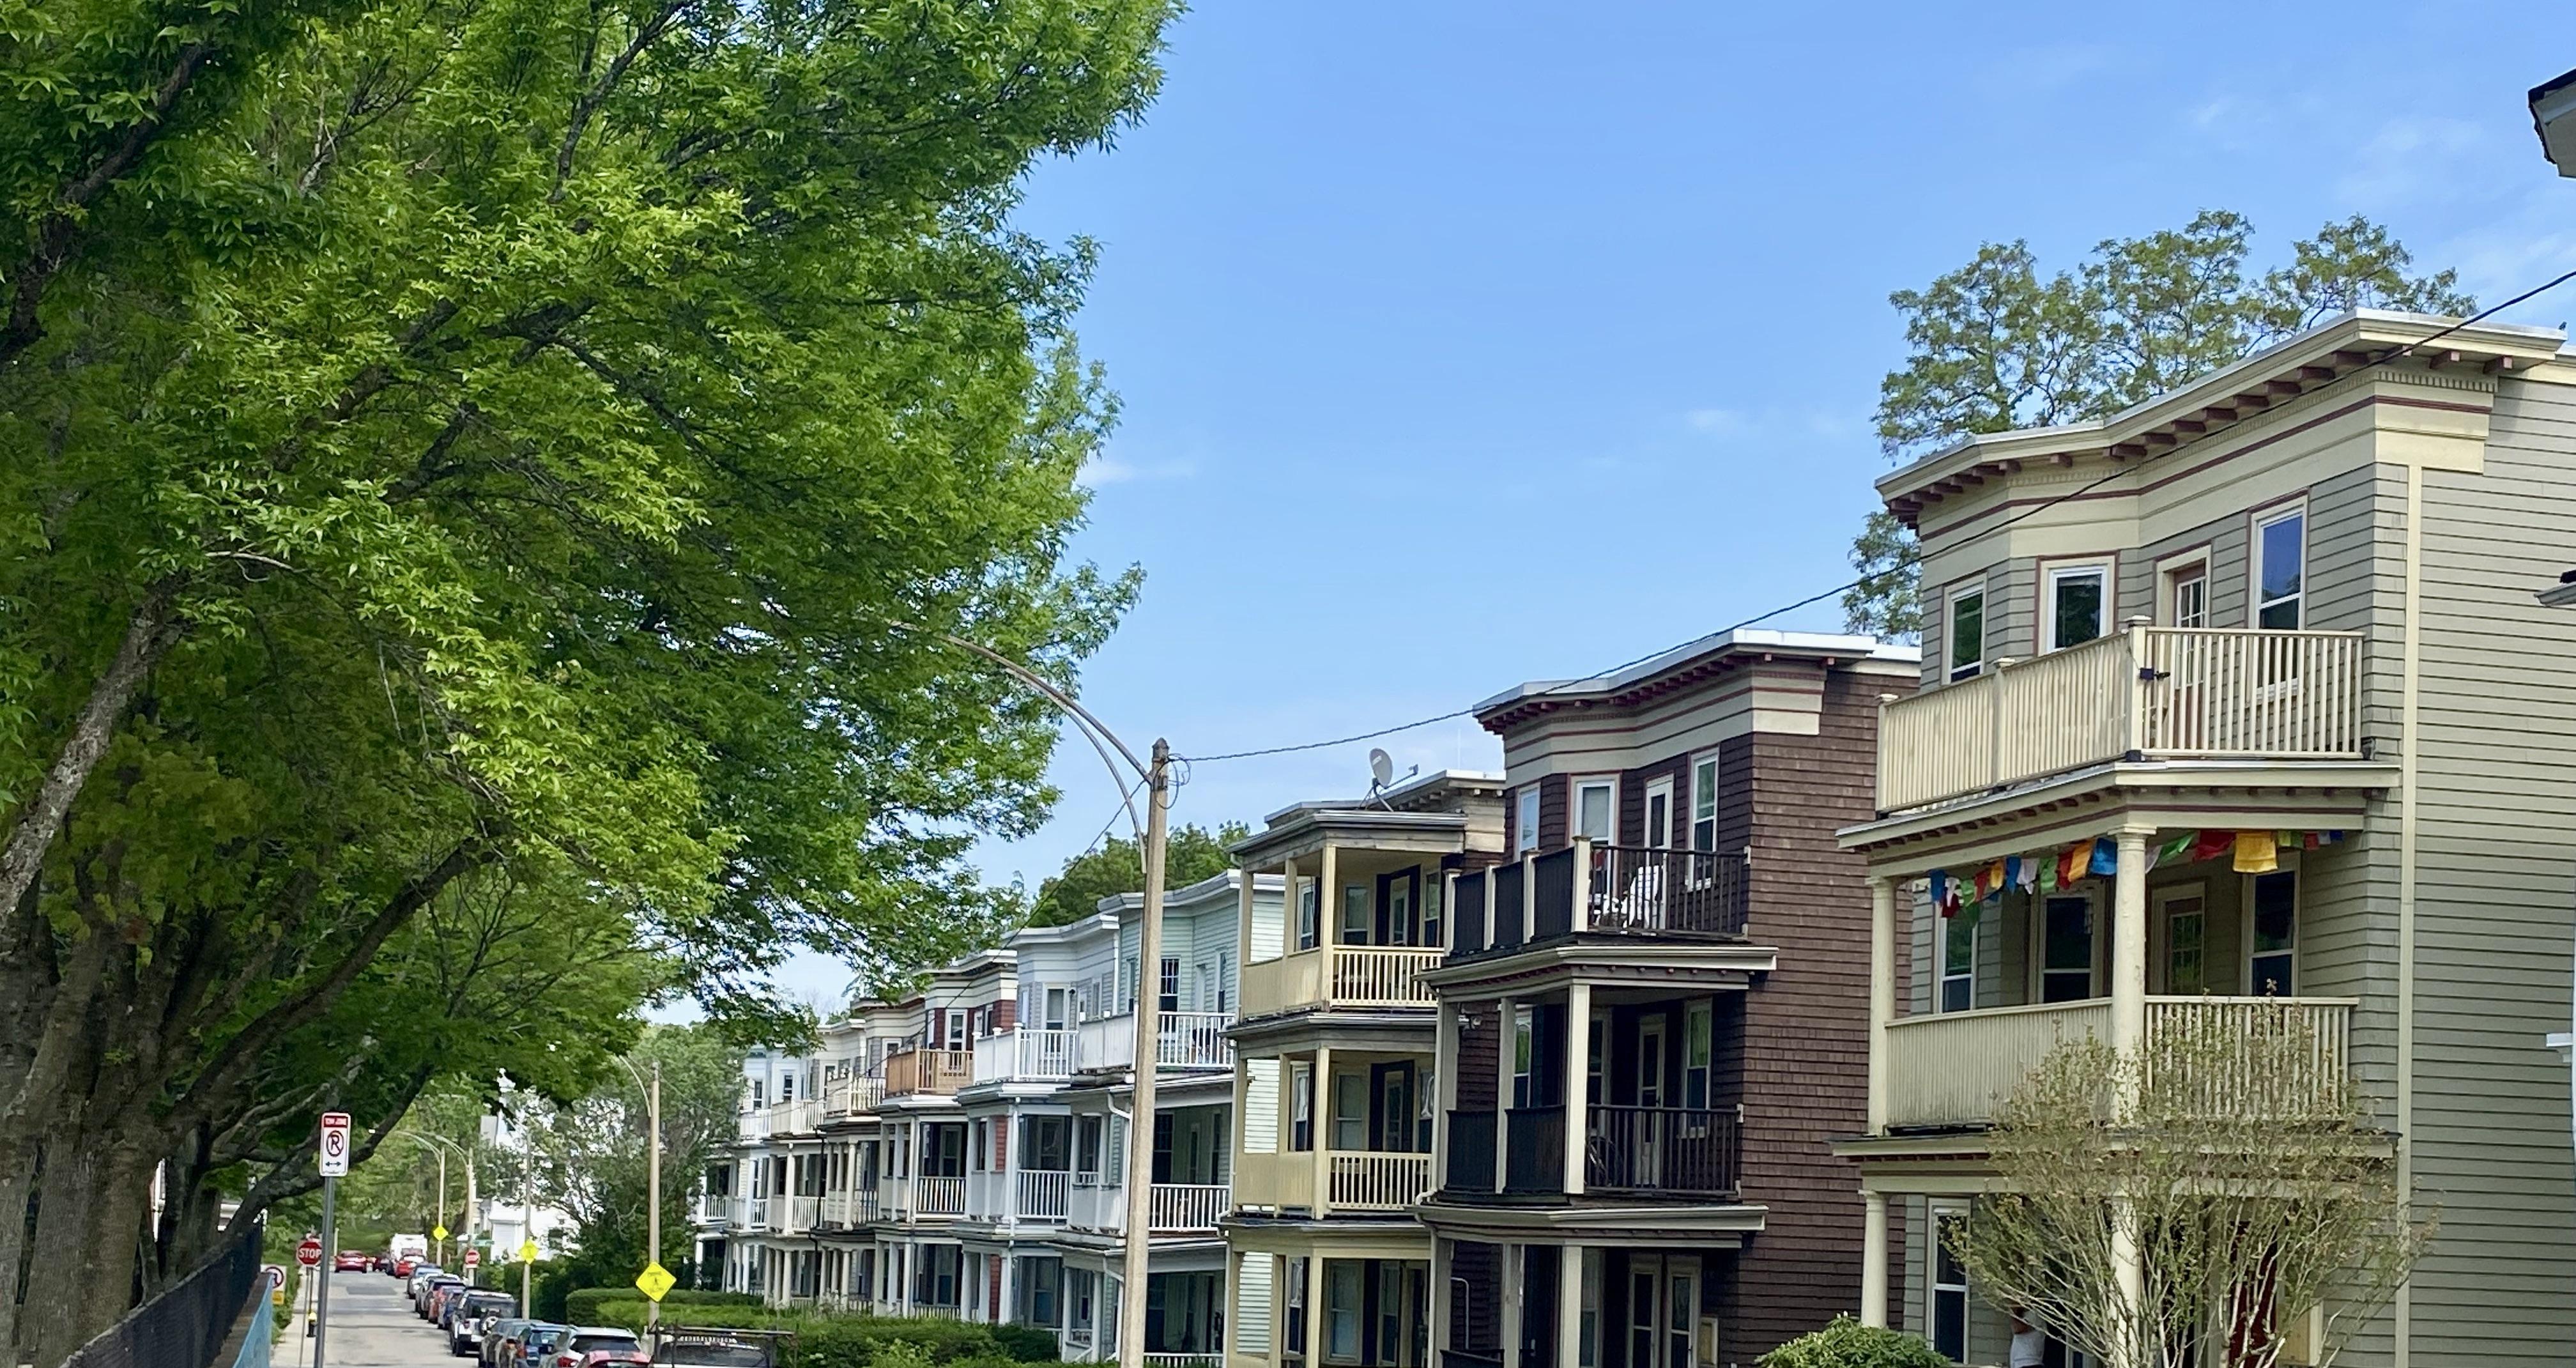 Triple-Decker Homes in Jamaica Plain